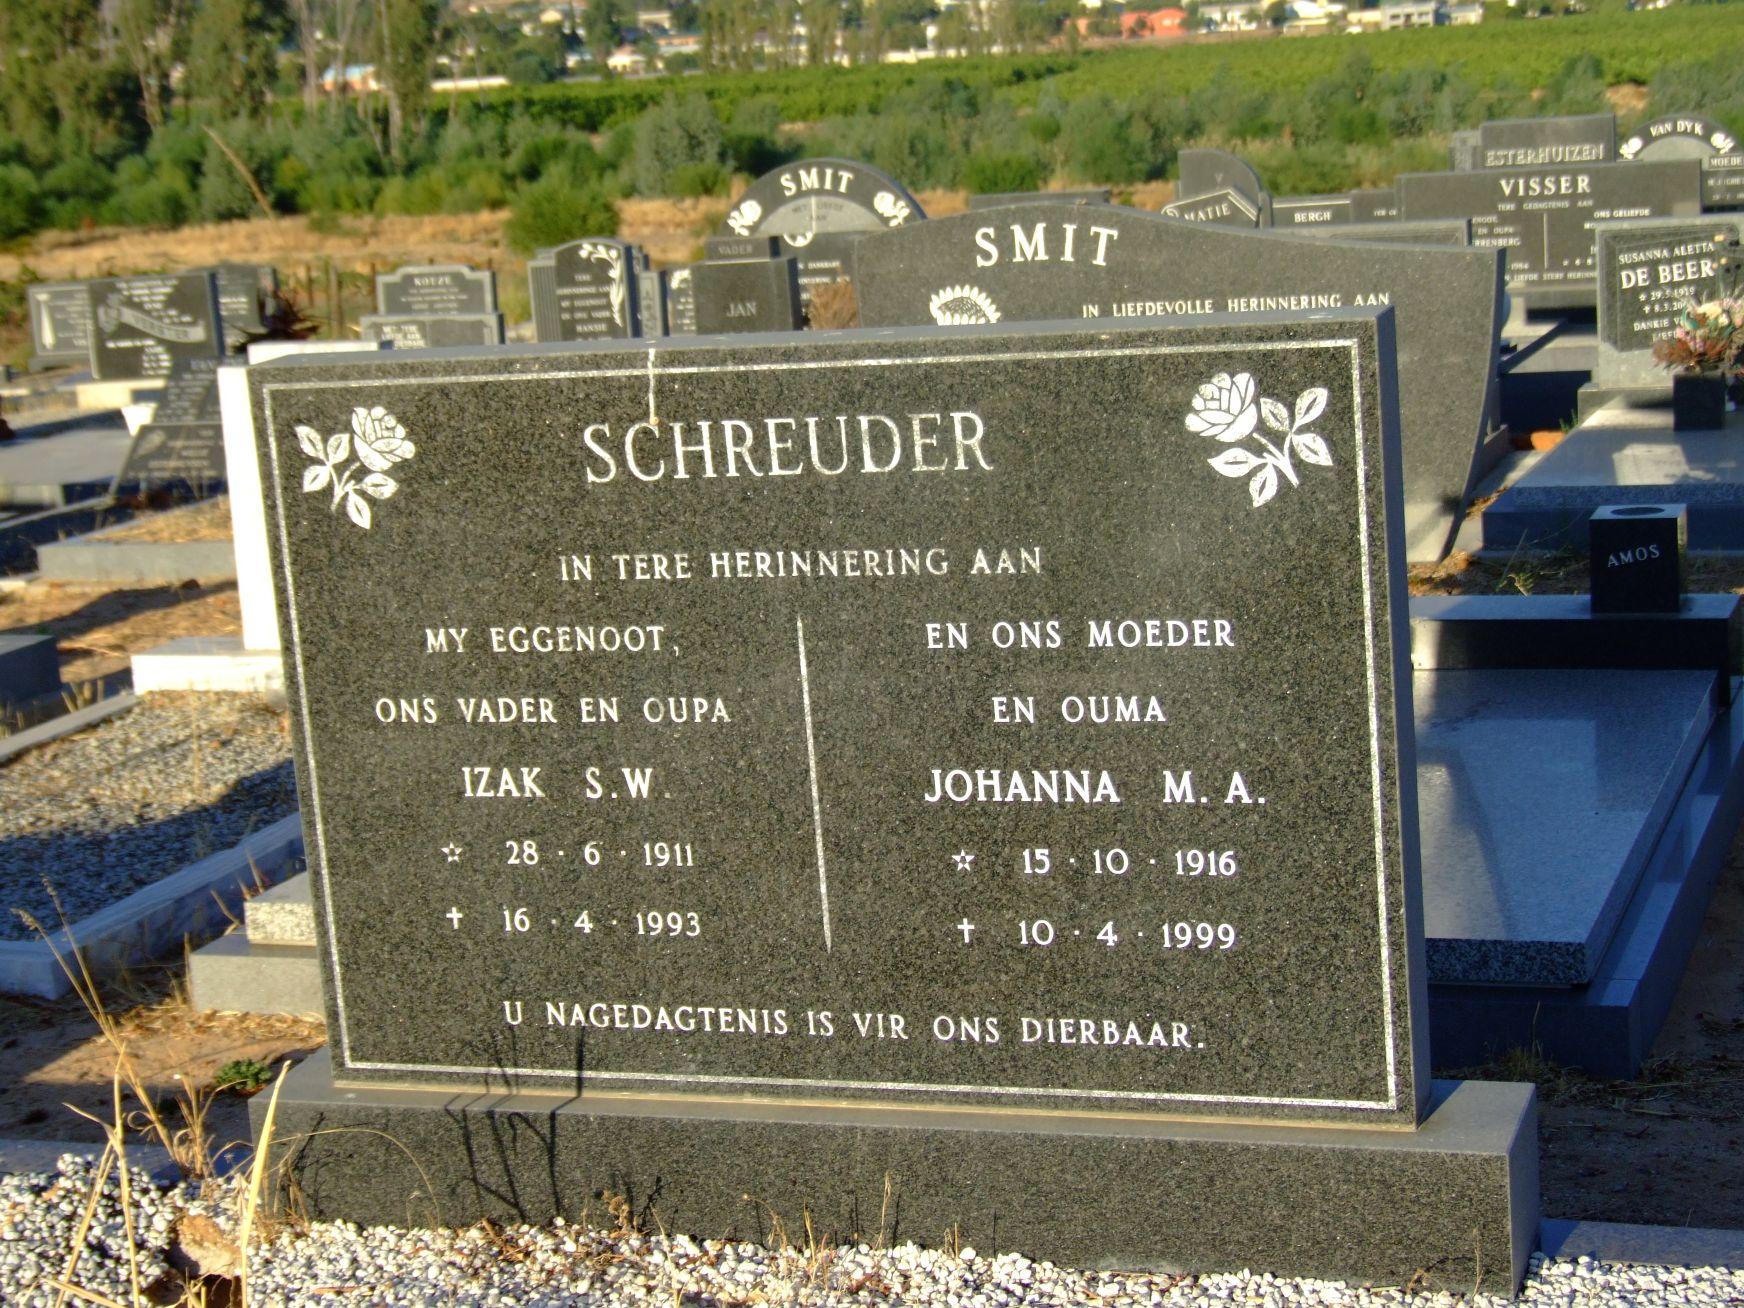 Schreuder, Izak S. W. + Schreuder, Johanna M. A.